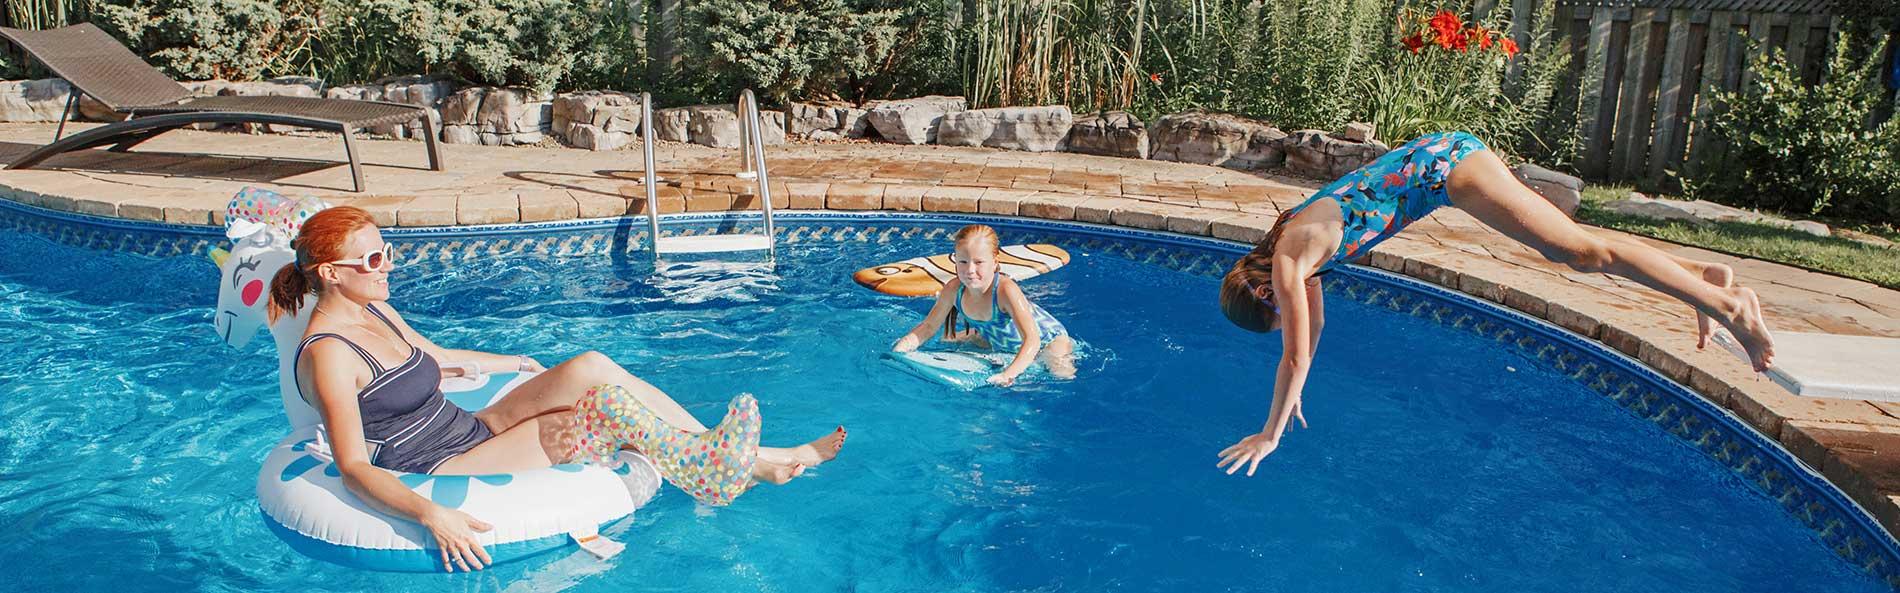 Overhead-Coverage-Hot-tubs-decksidepoolandspa